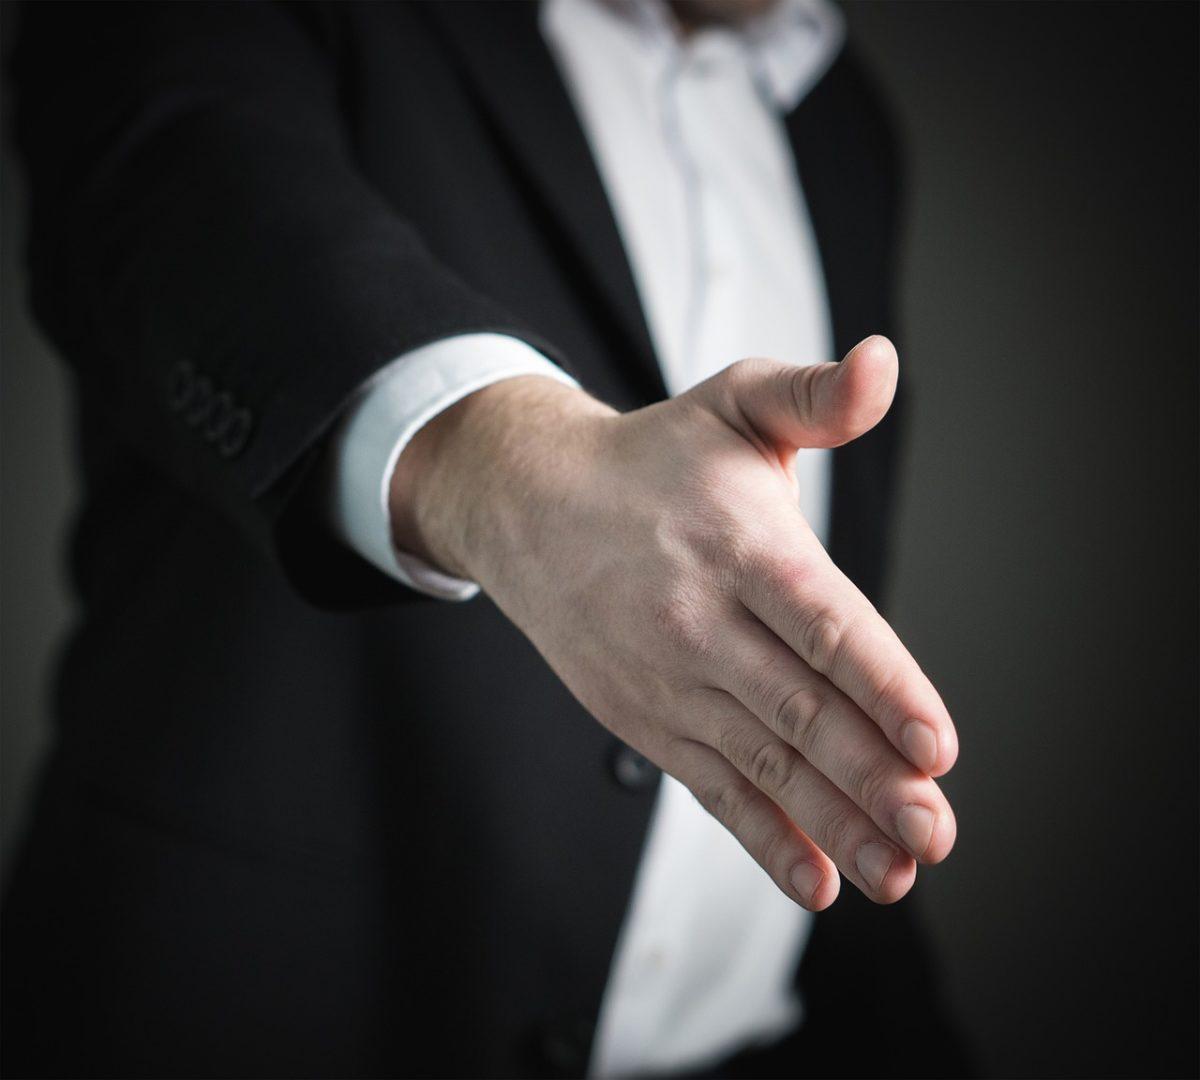 handshake_proposal